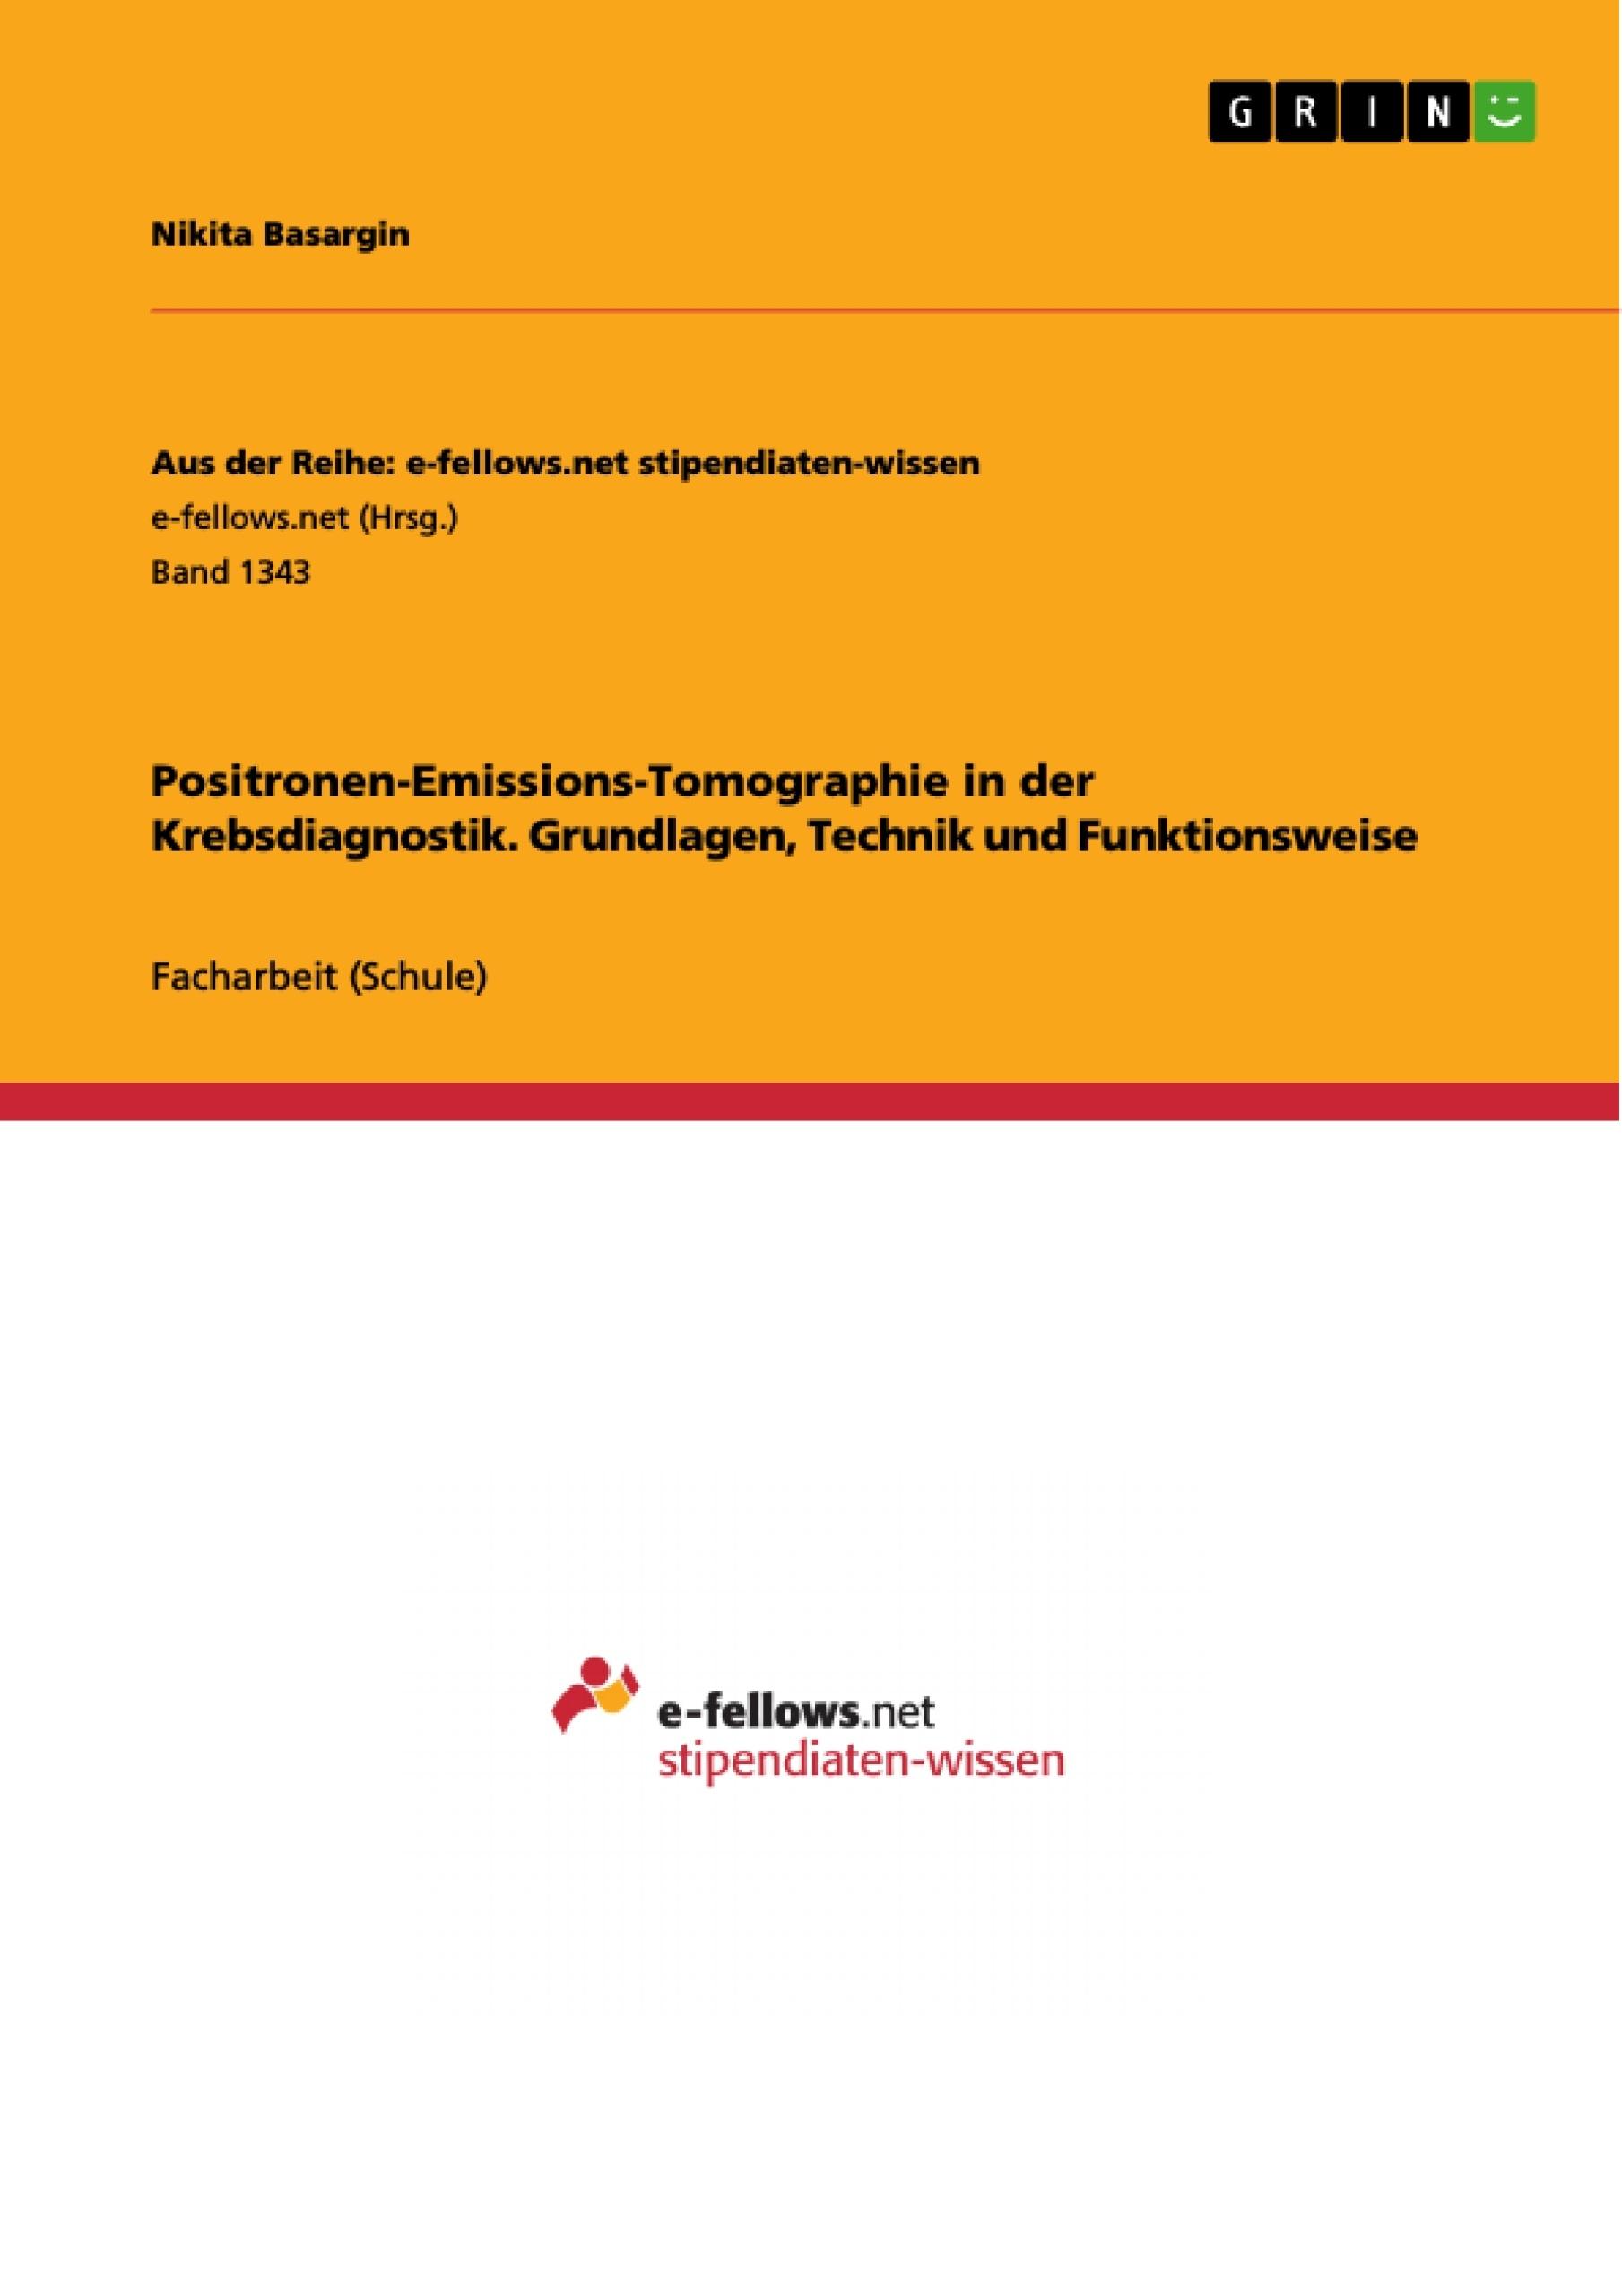 Titel: Positronen-Emissions-Tomographie in der Krebsdiagnostik. Grundlagen, Technik und Funktionsweise